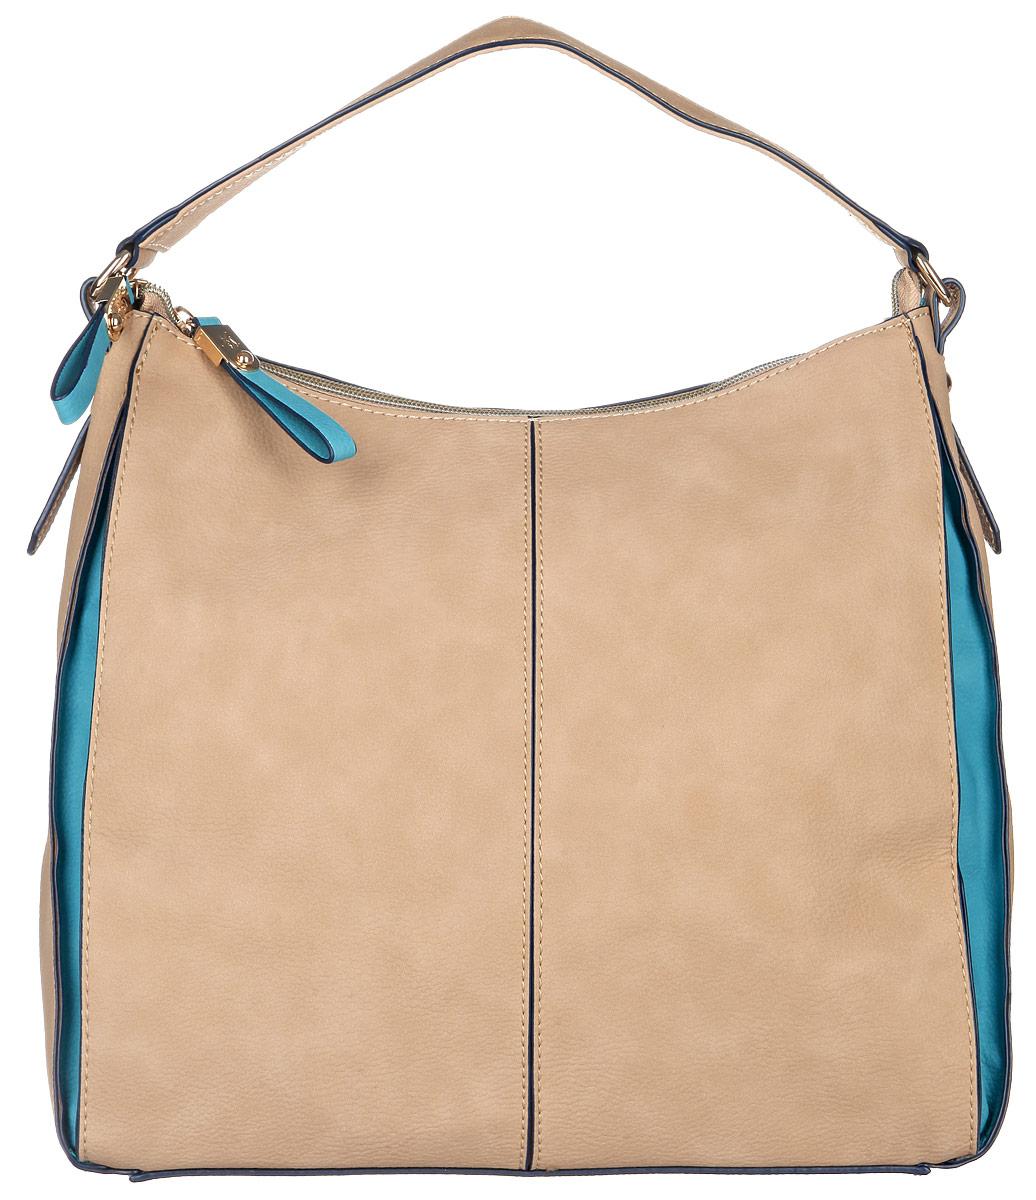 Сумка женская Jane Shilton, цвет: бежевый, бирюзовый. 20542054camelСтильная женская сумка Jane Shilton, выполненная из искусственной кожи, дополнена фирменным брелоком. Изделие имеет одно основное отделение, закрывающееся на застежку-молнию. Внутри находятся прорезной карман на застежке-молнии и накладной открытый карман. Снаружи, на задней стенке расположен прорезной карман на застежке-молнии. Модель оснащена одной удобной ручкой. Роскошная сумка внесет элегантные нотки в ваш образ и подчеркнет ваше отменное чувство стиля.